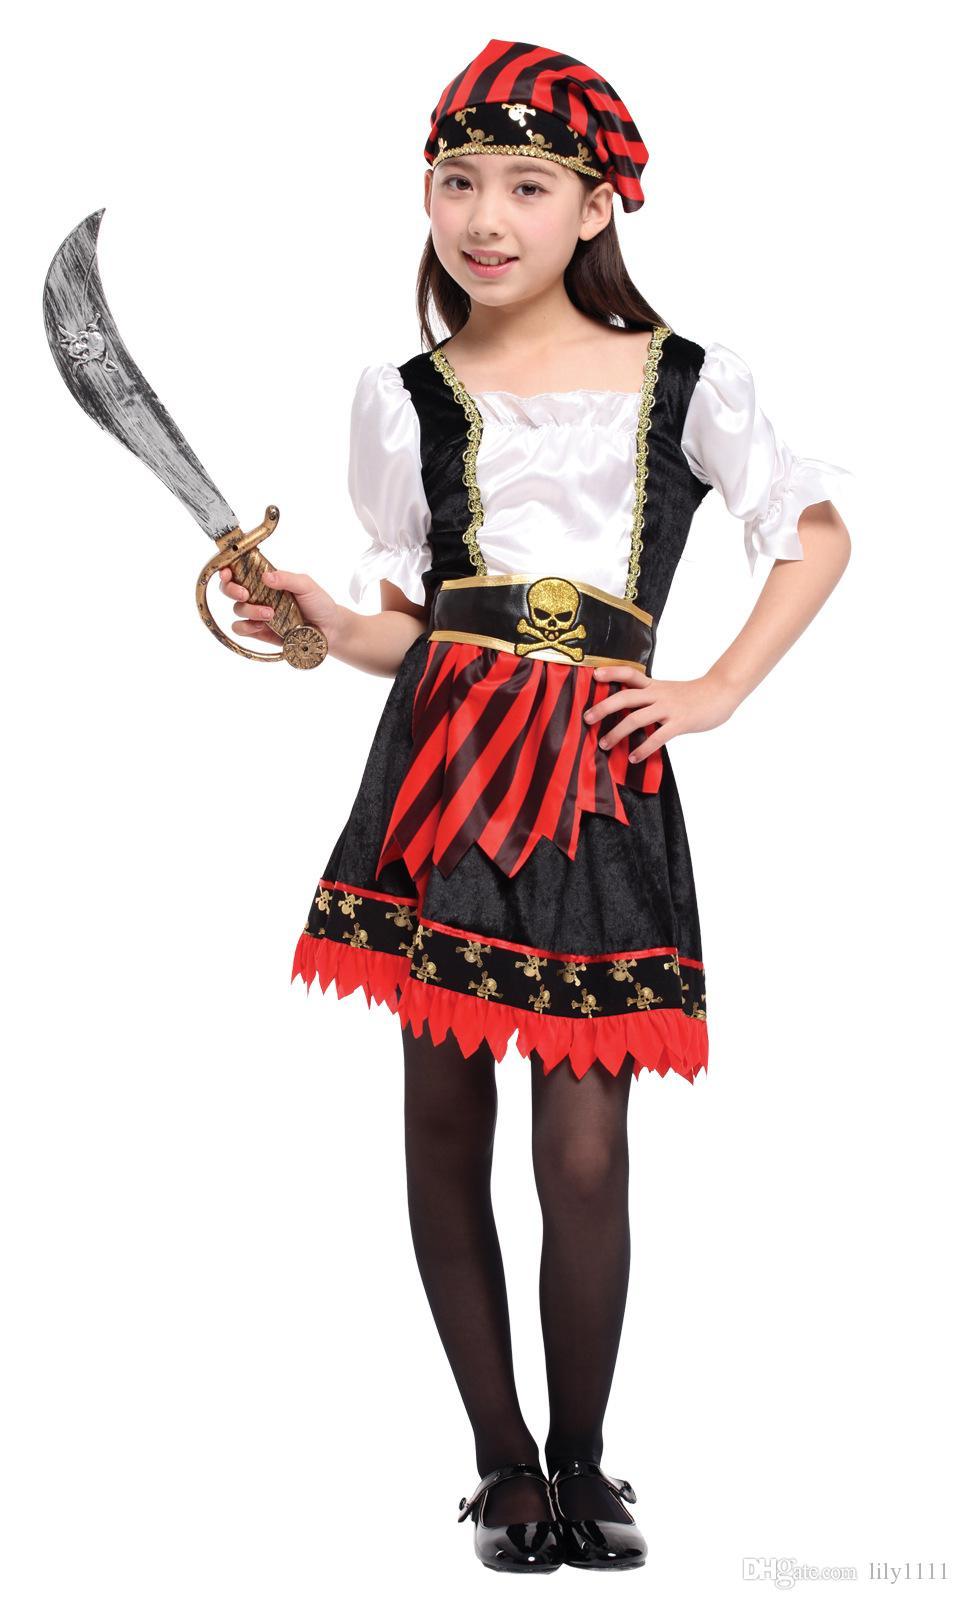 História de Shanghai Frete grátis Halloween Caribe Pirata Cosplay para crianças Menina partido cap dress up sem espada